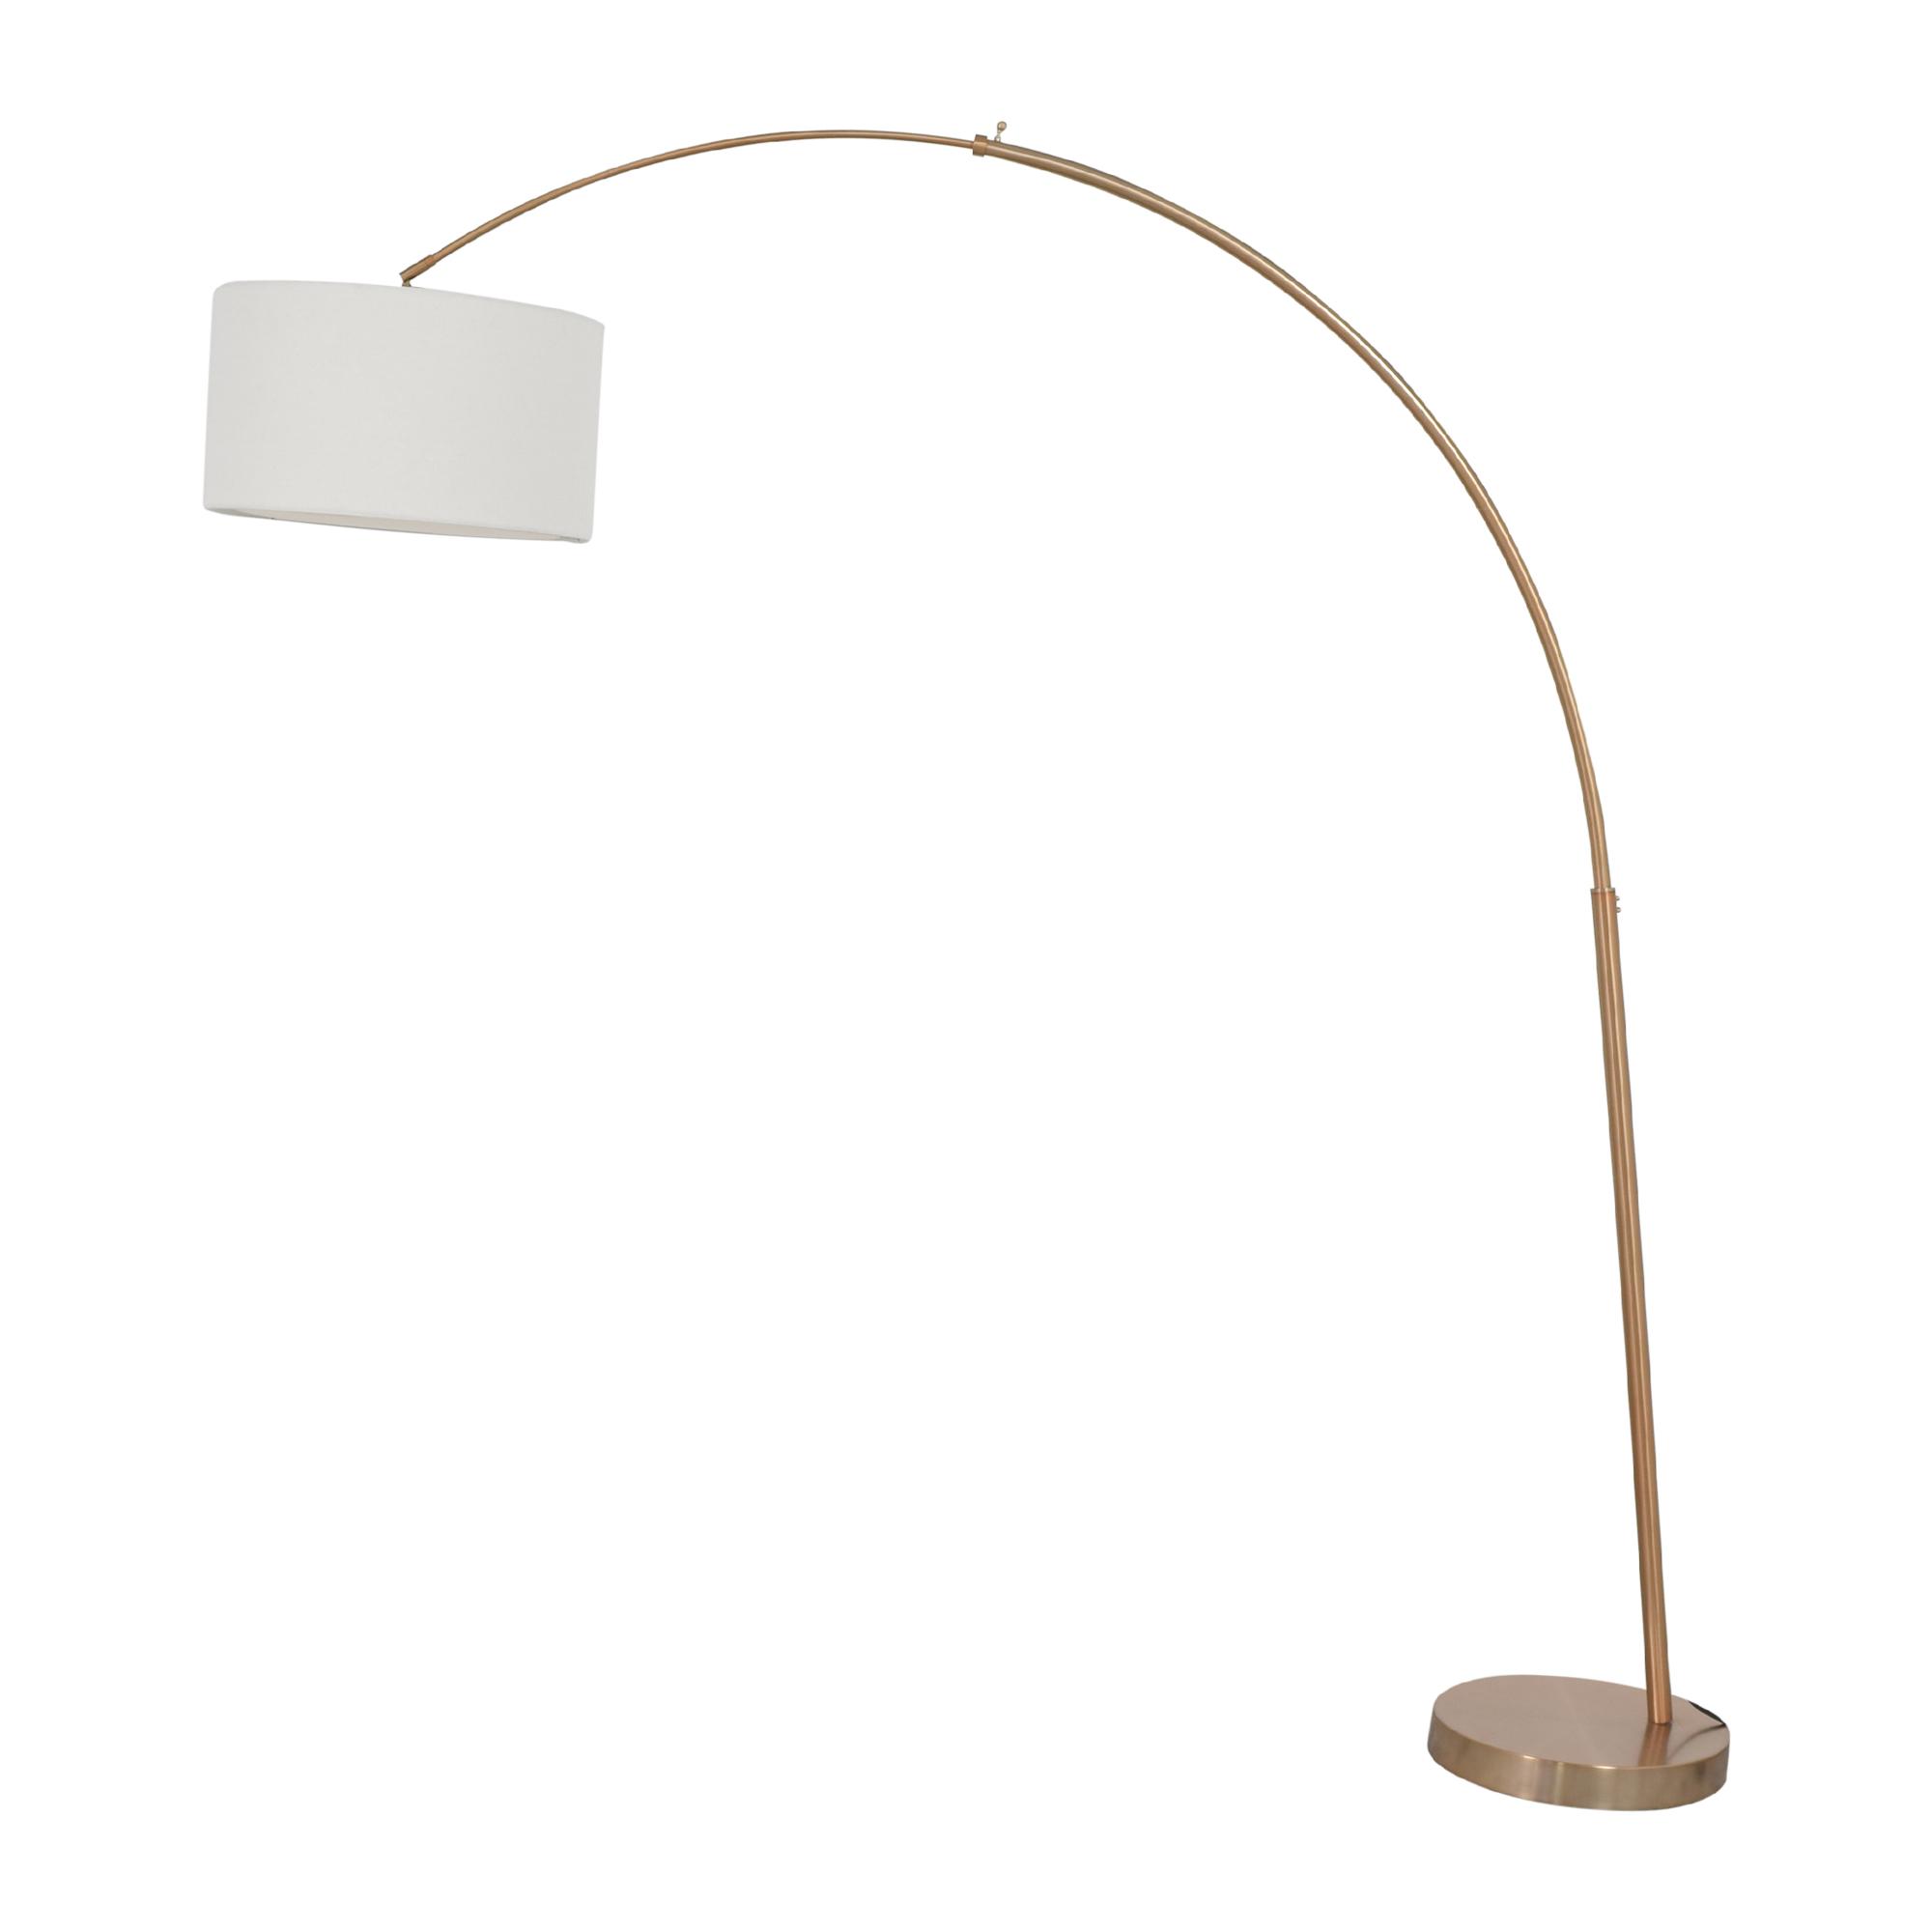 CB2 CB2 Big Dipper Arc Floor Lamp price